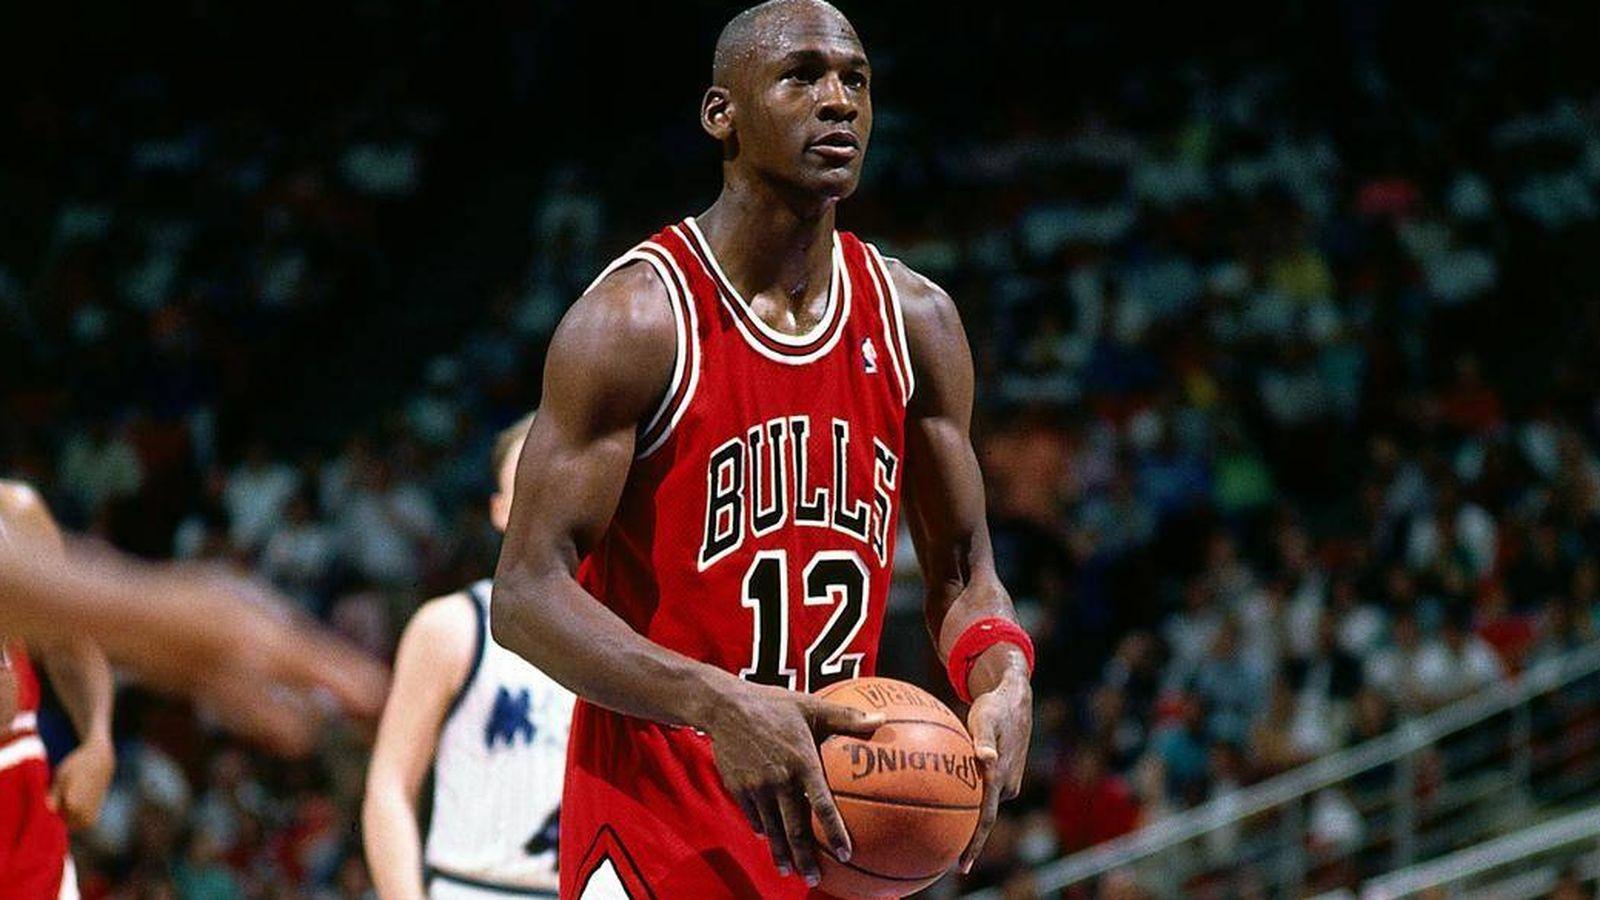 suspensión Contaminado reptiles  El día en que Michael Jordan jugó con el número 12 ¡y anotó 49 puntos!